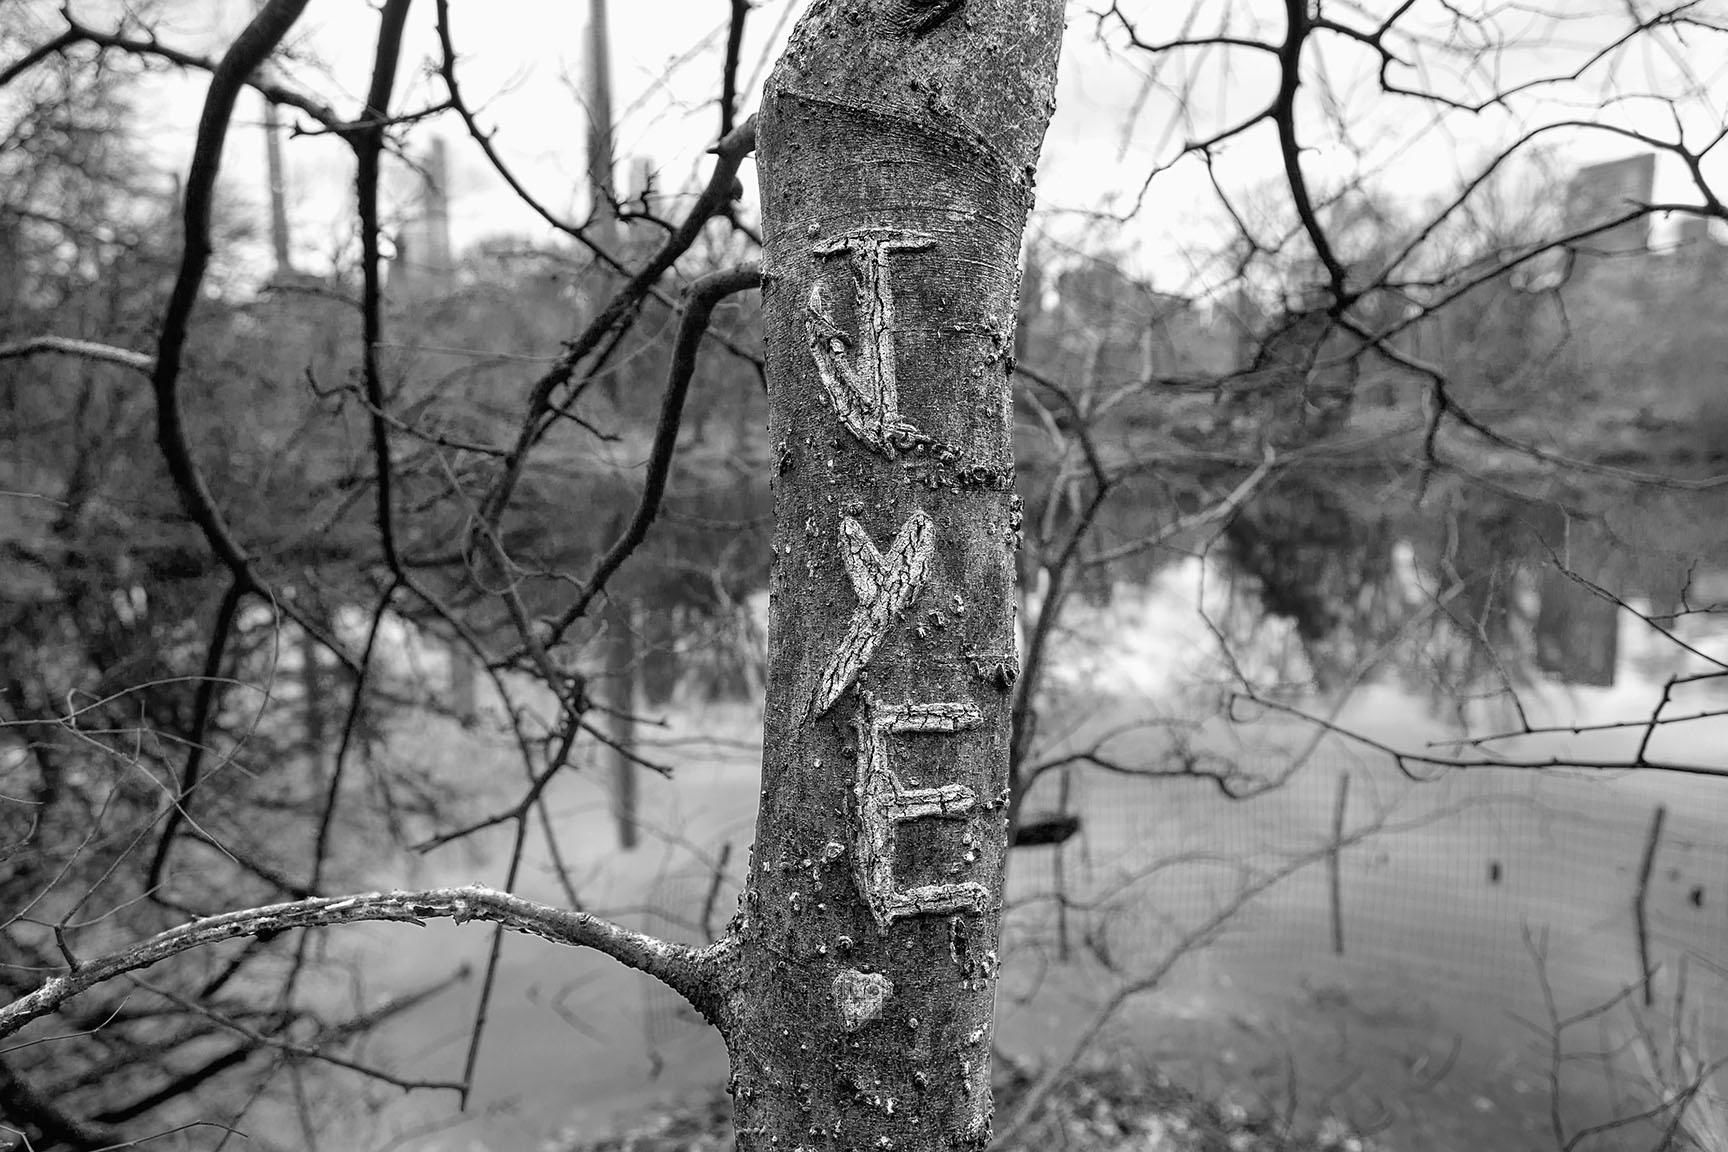 20_Tattoo Tree_7413-BLOG